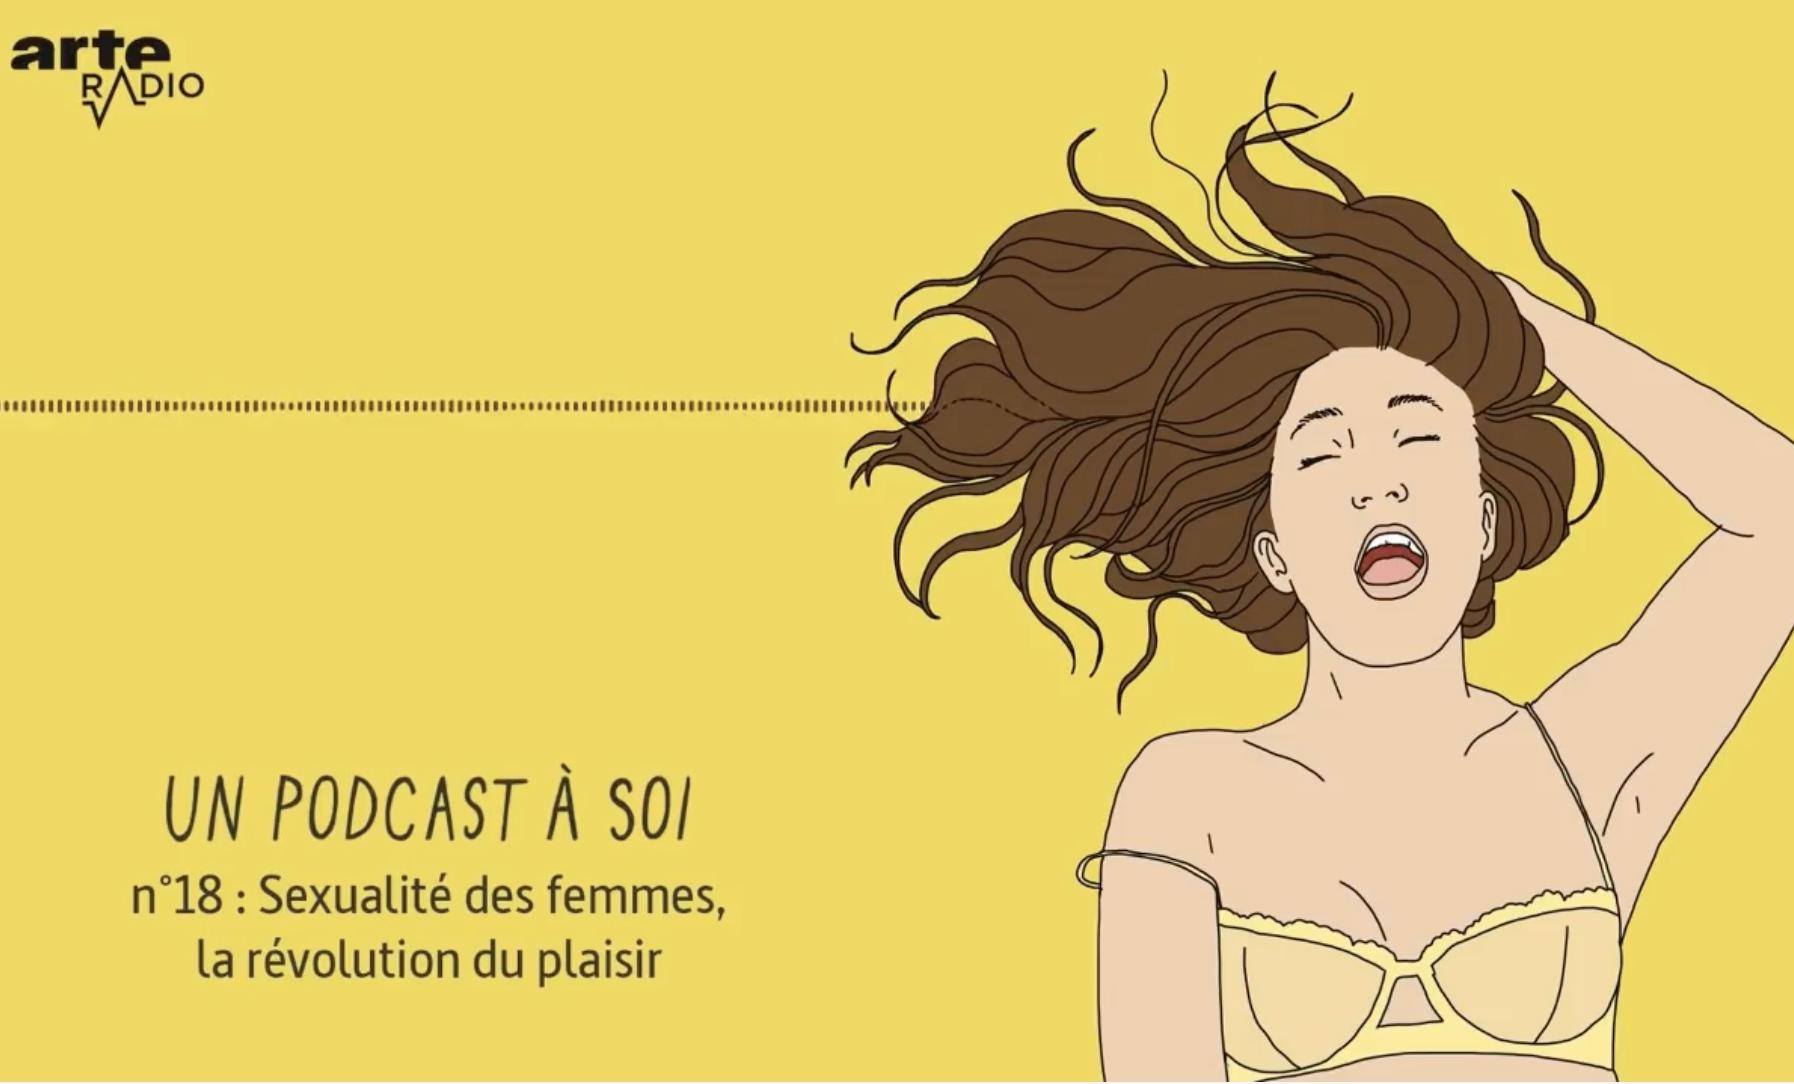 Un-podcast-a-soi#18